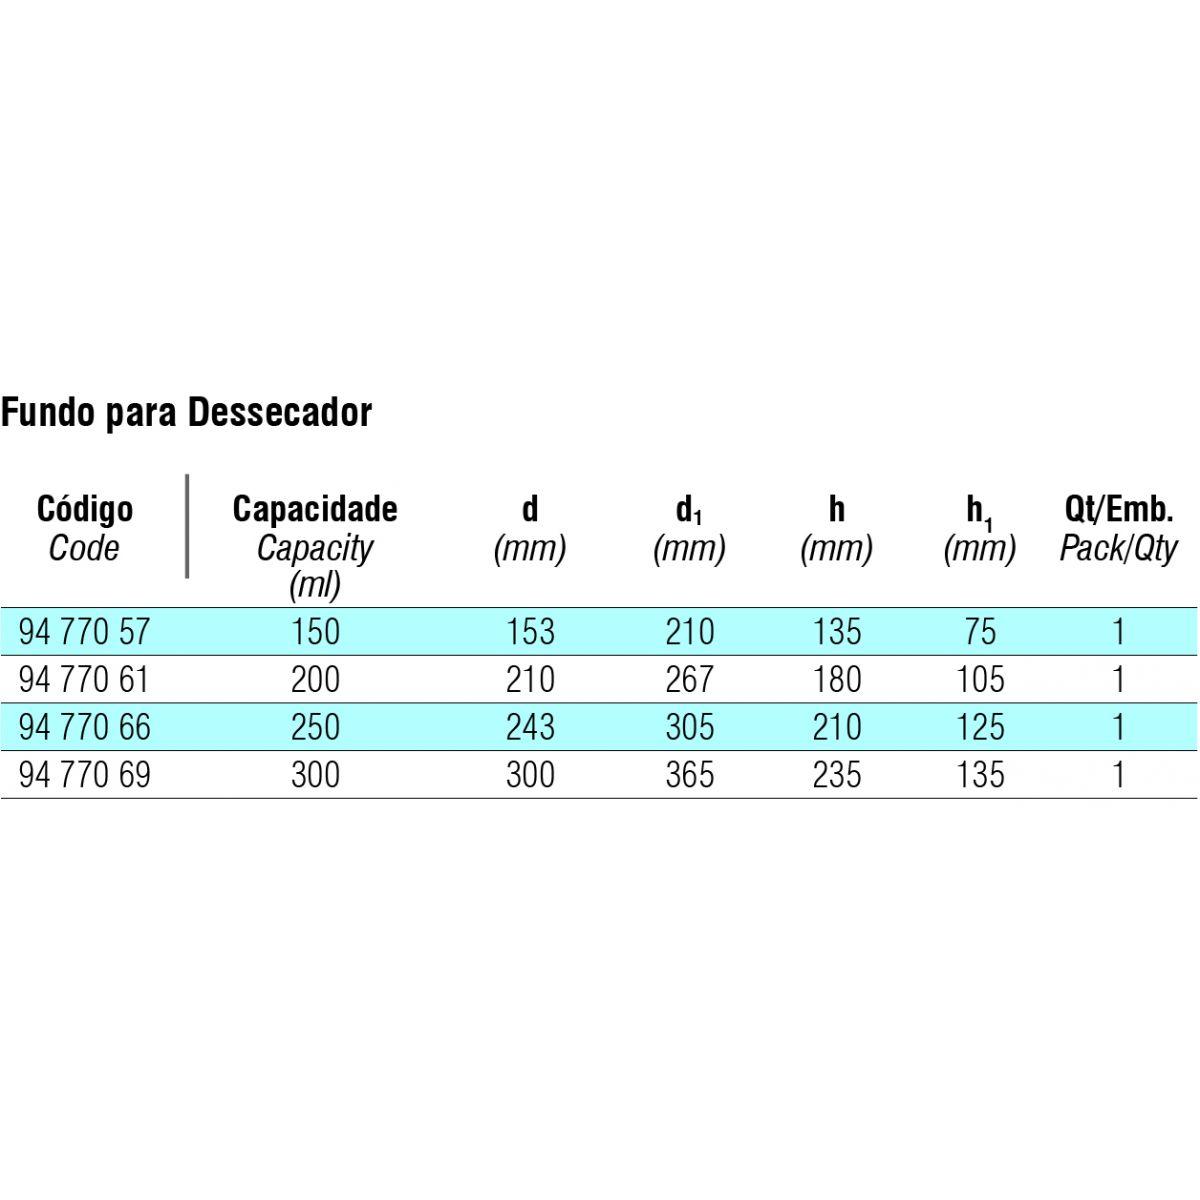 Fundo pra Dessecador  - loja.laborglas.com.br